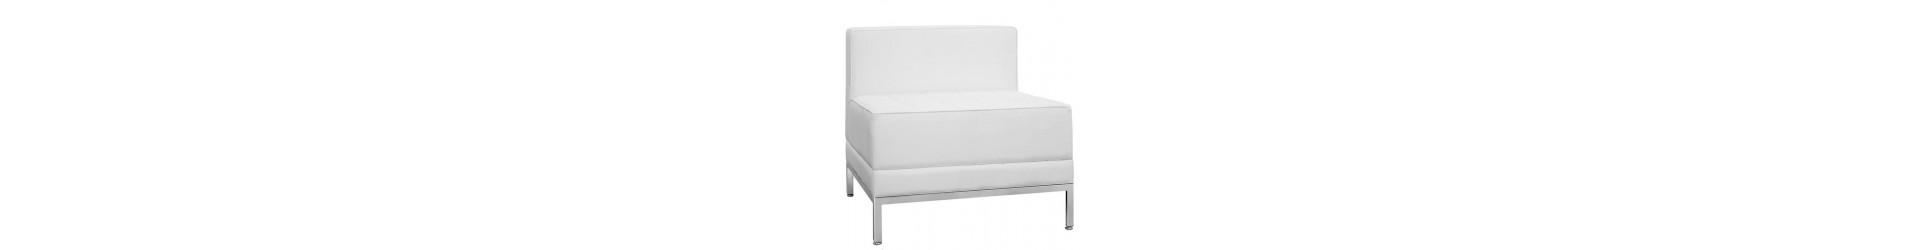 Il divano e la poltrona ideale per i locali pubblici